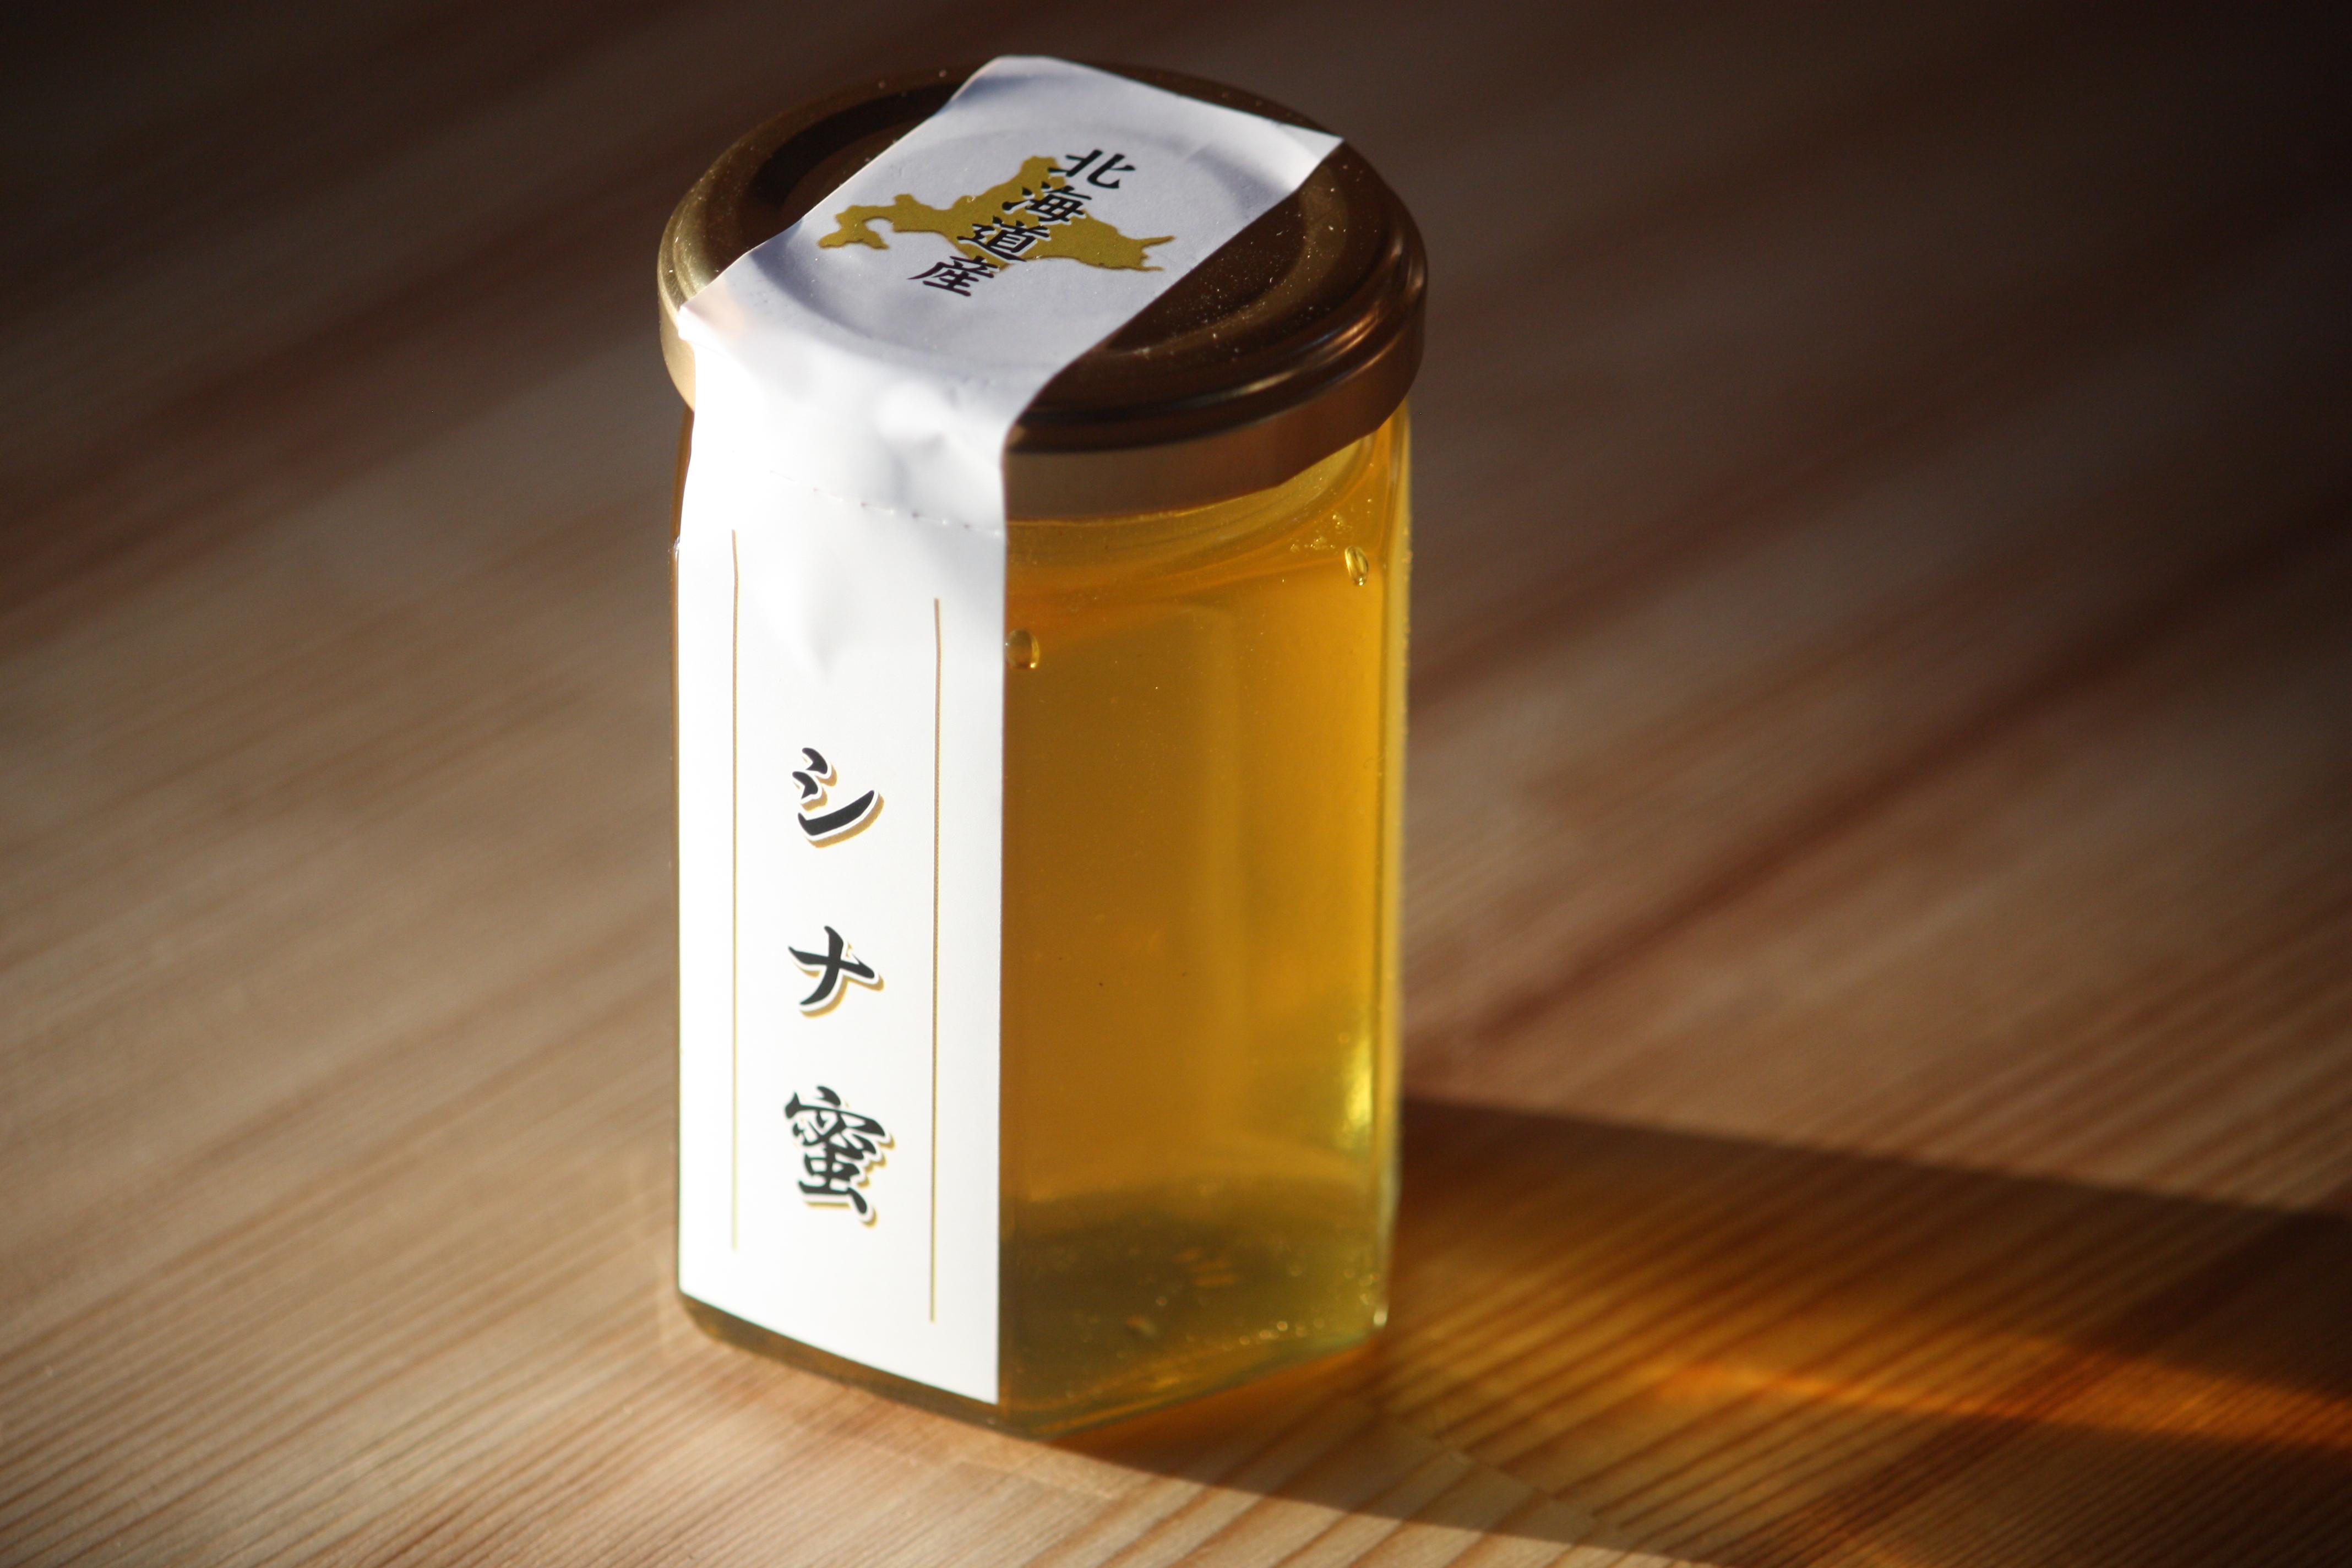 国産 菩提樹蜜(ぼだいじゅ 別名 シナ蜜) 150g 日本産